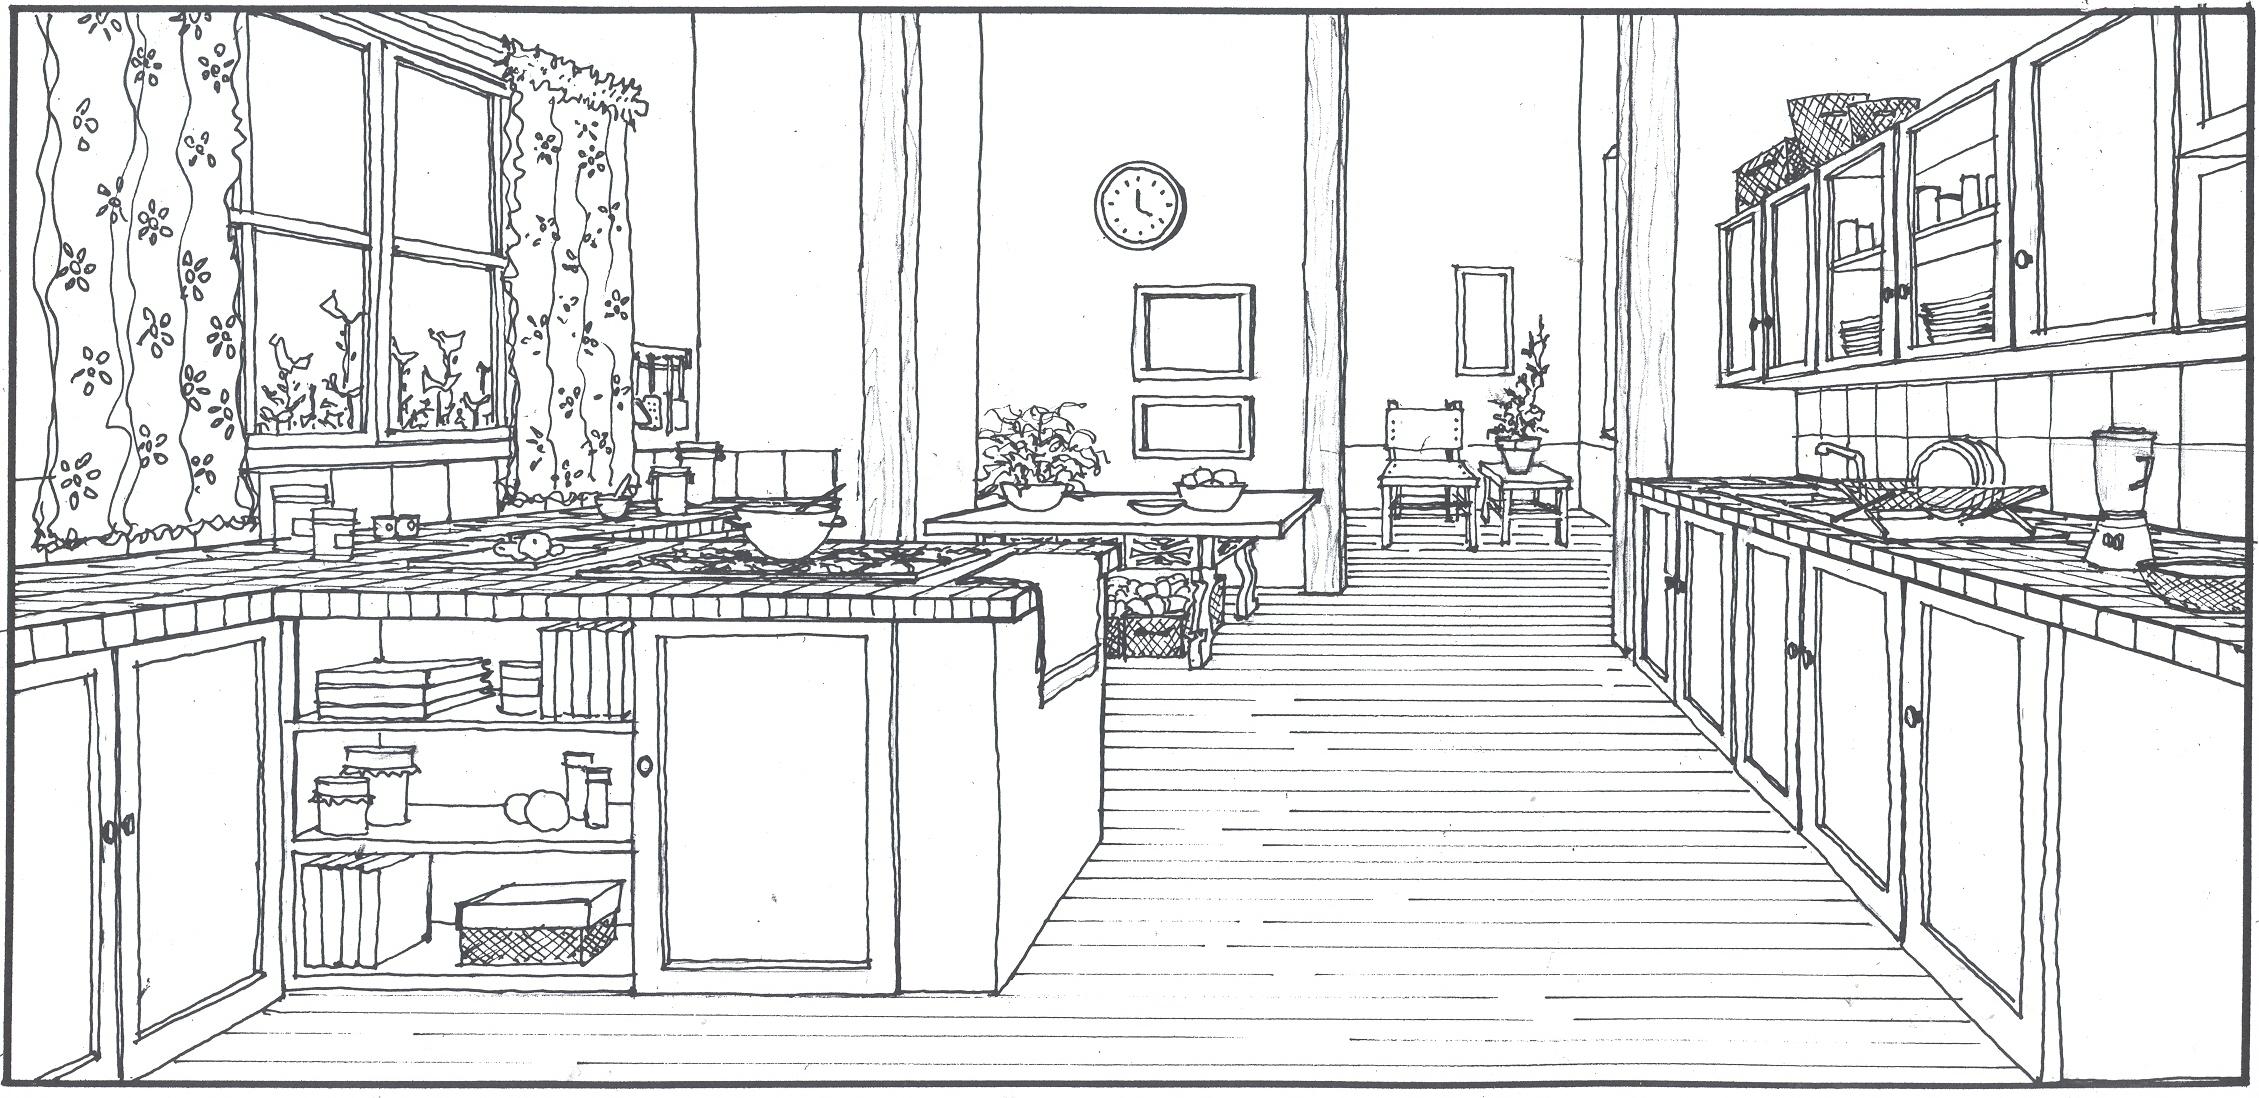 Kitchen Sketch By Arquitectcardesigns On Deviantart